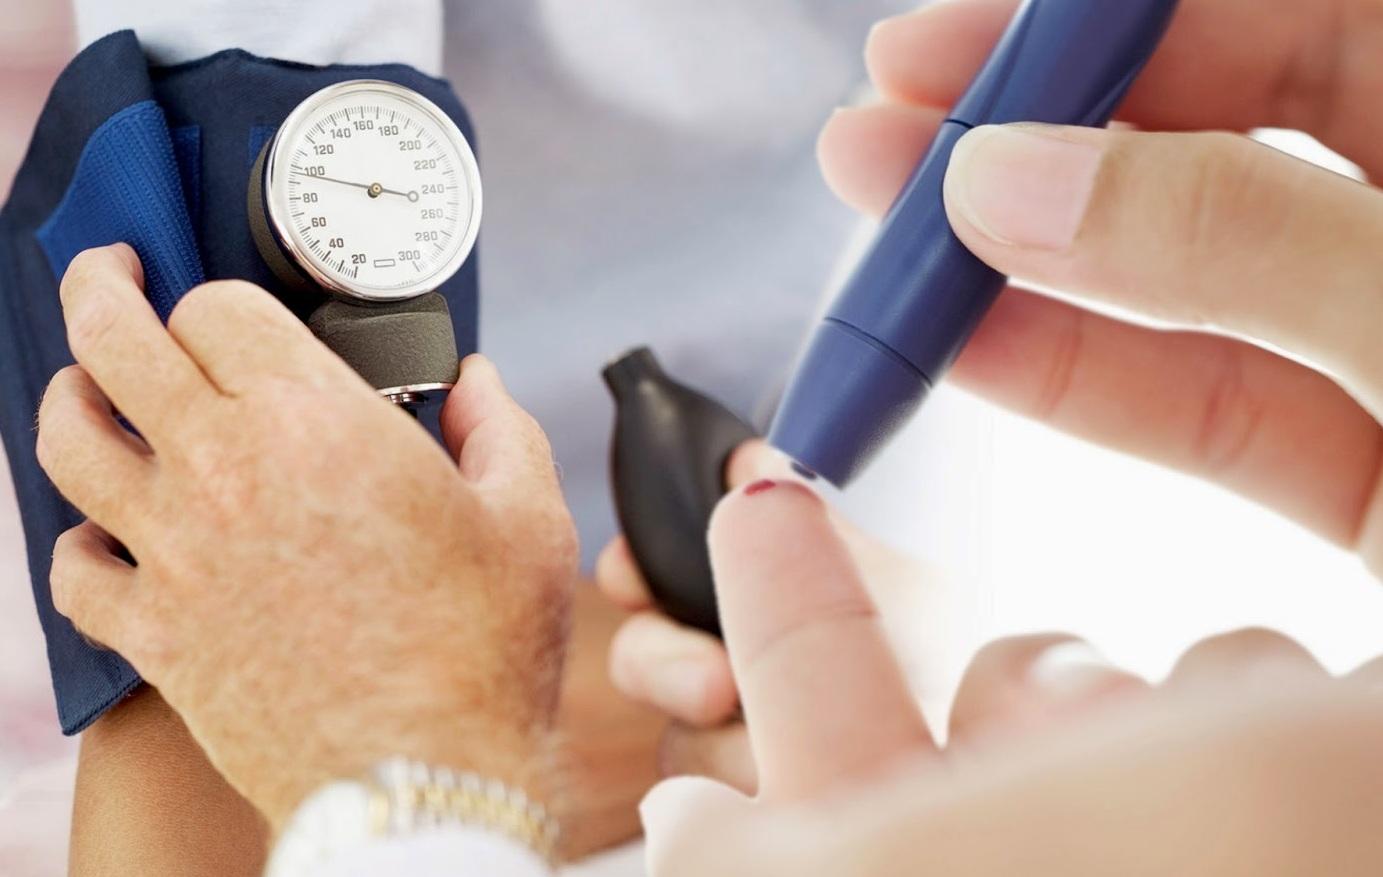 biến chứng nguy hiểm của bệnh tiểu đường